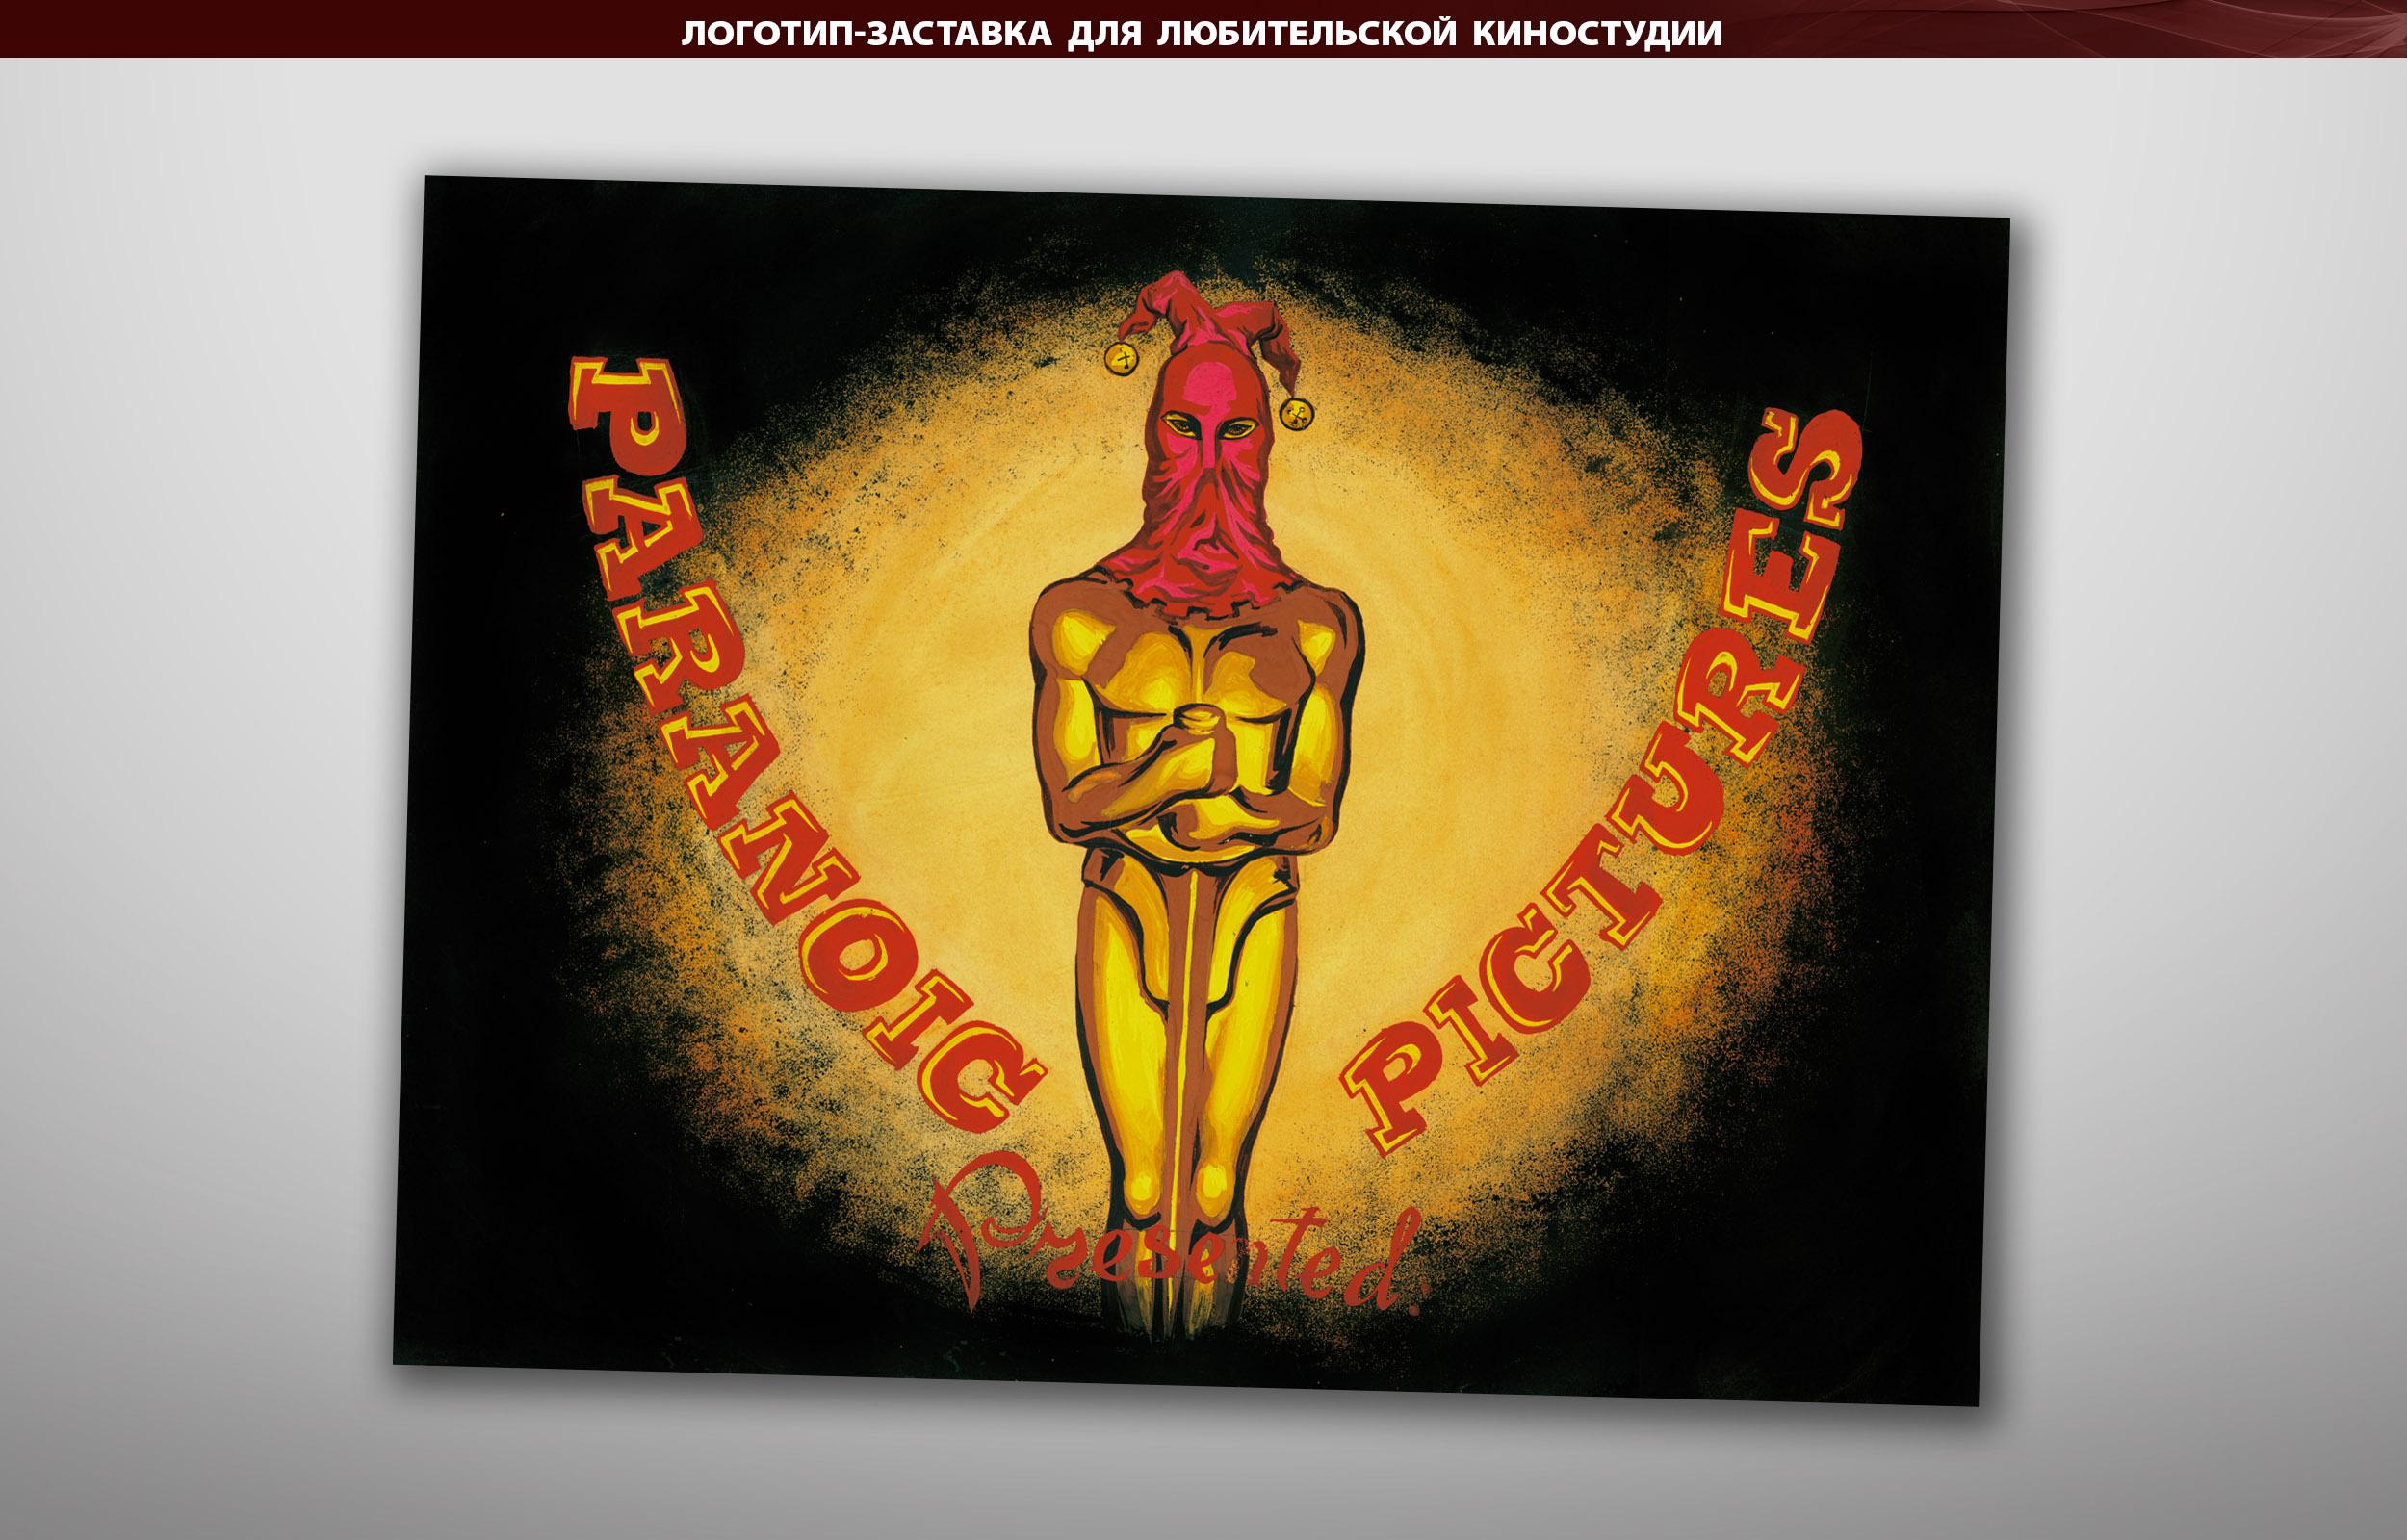 Логотип-заставка для любительской киностудии